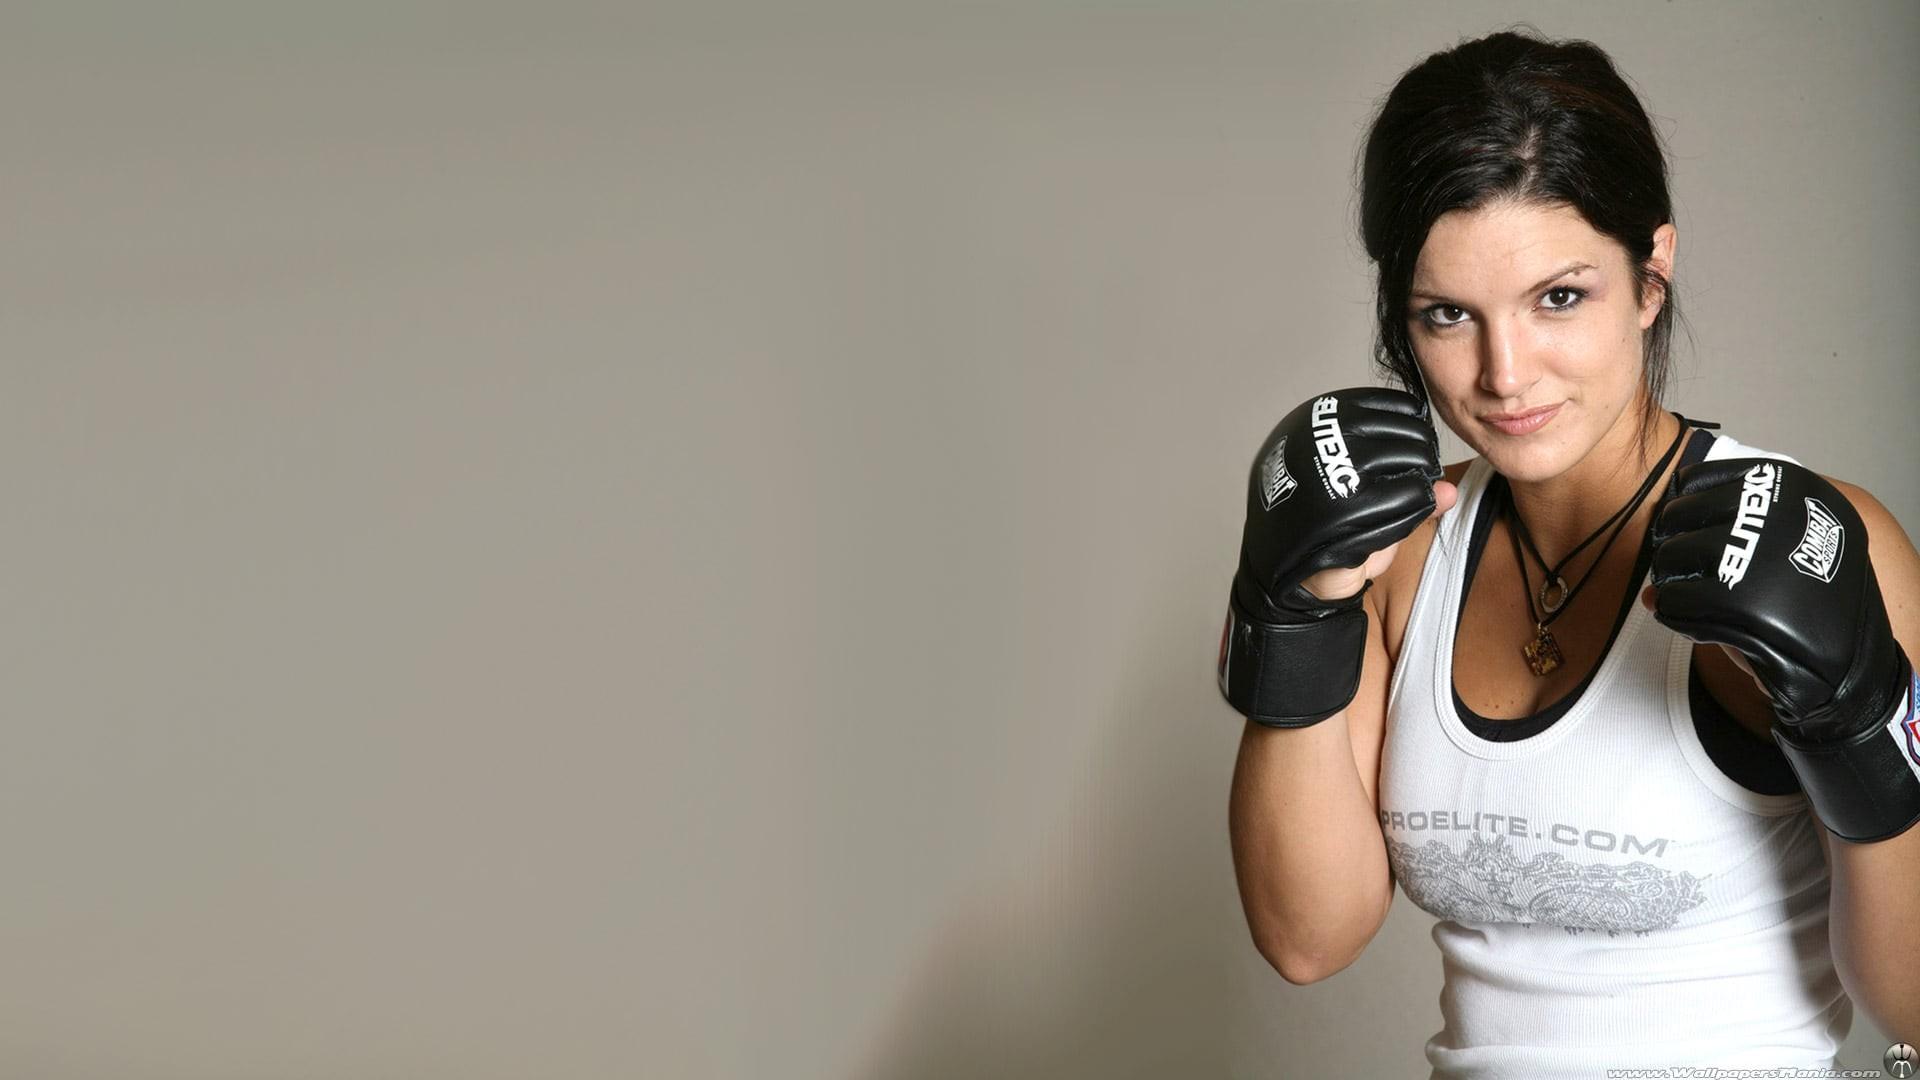 Res: 1920x1080, Gina Carano boxing gloves